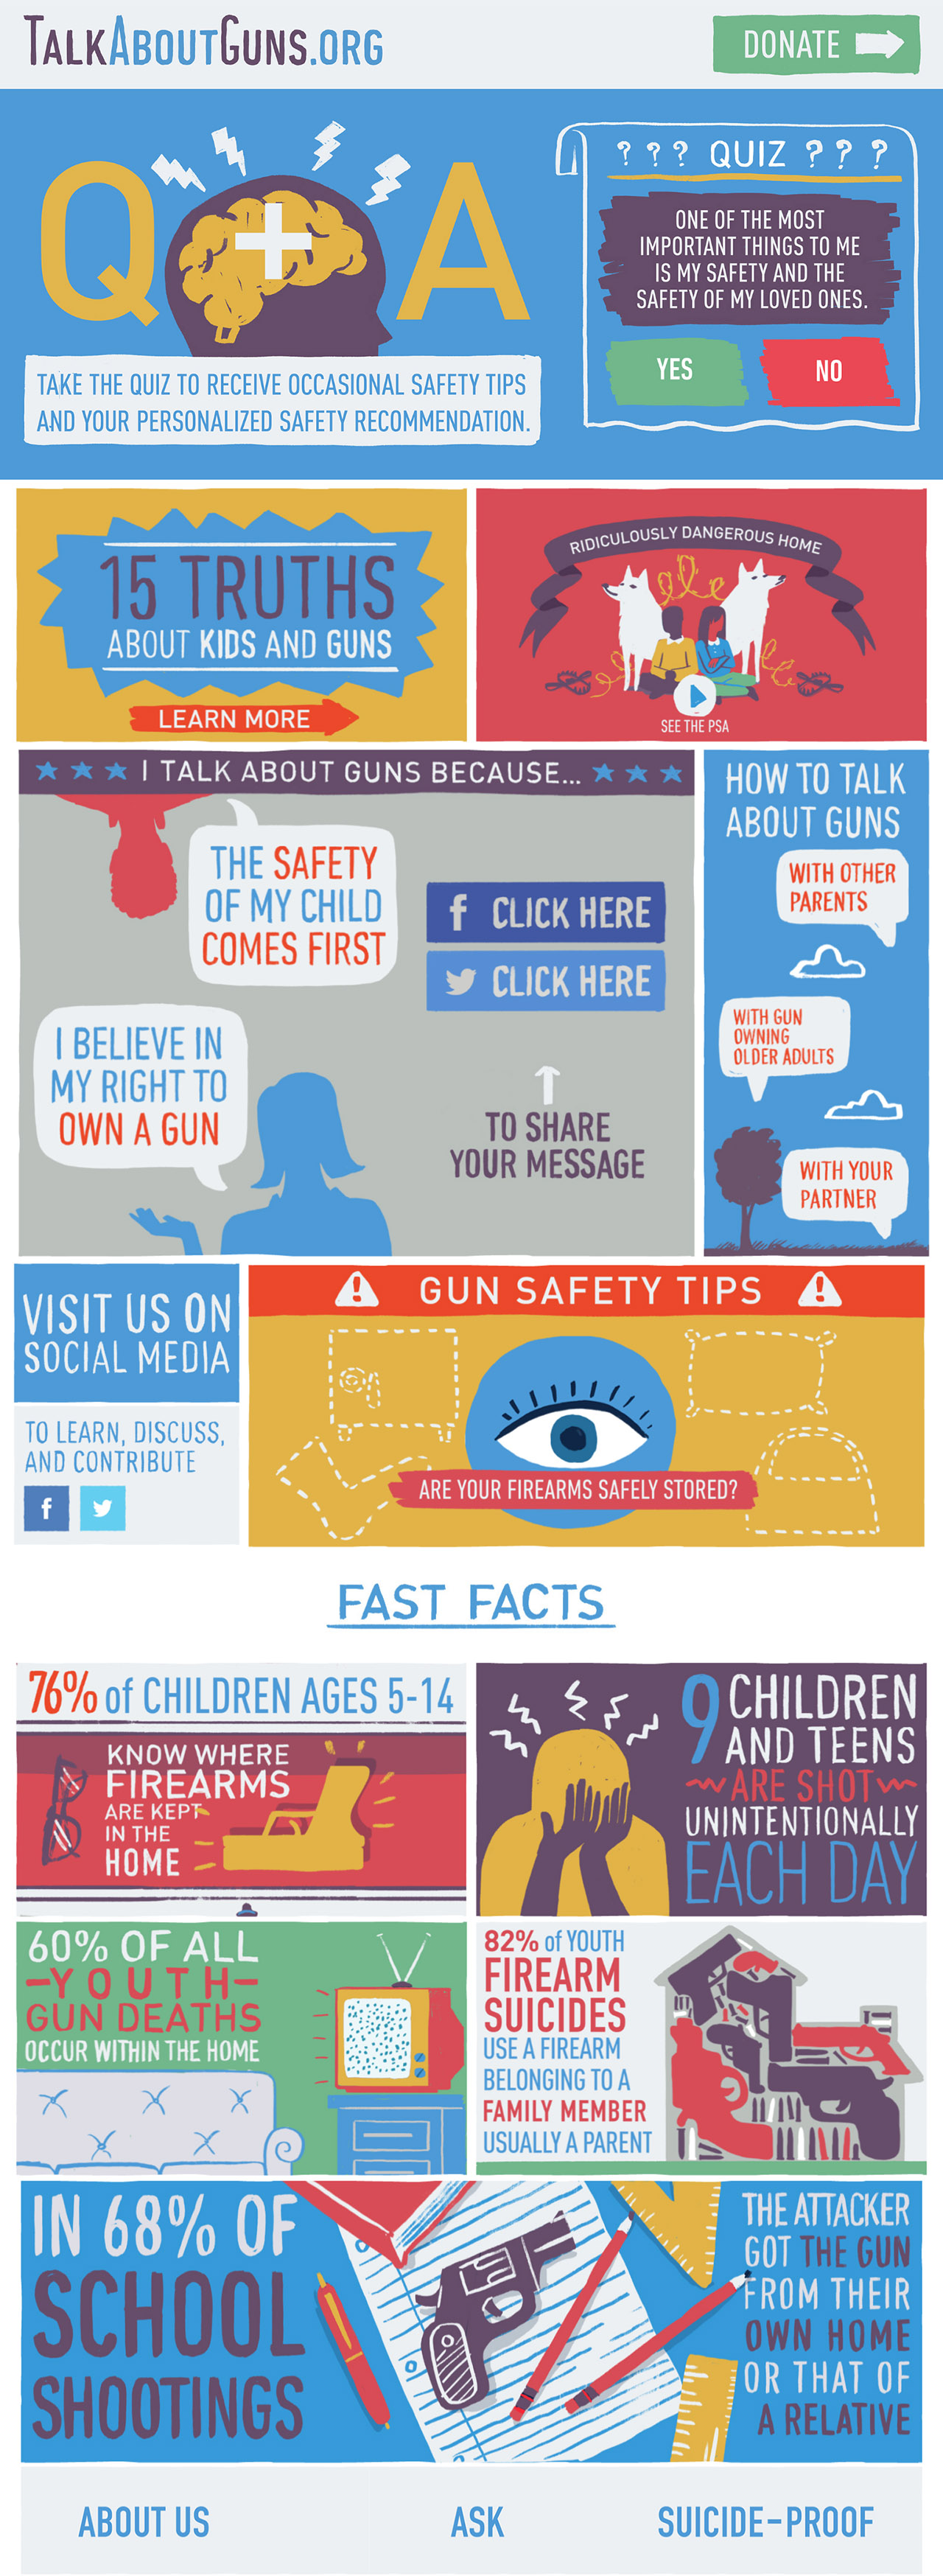 Talk About Guns Website Screenshot